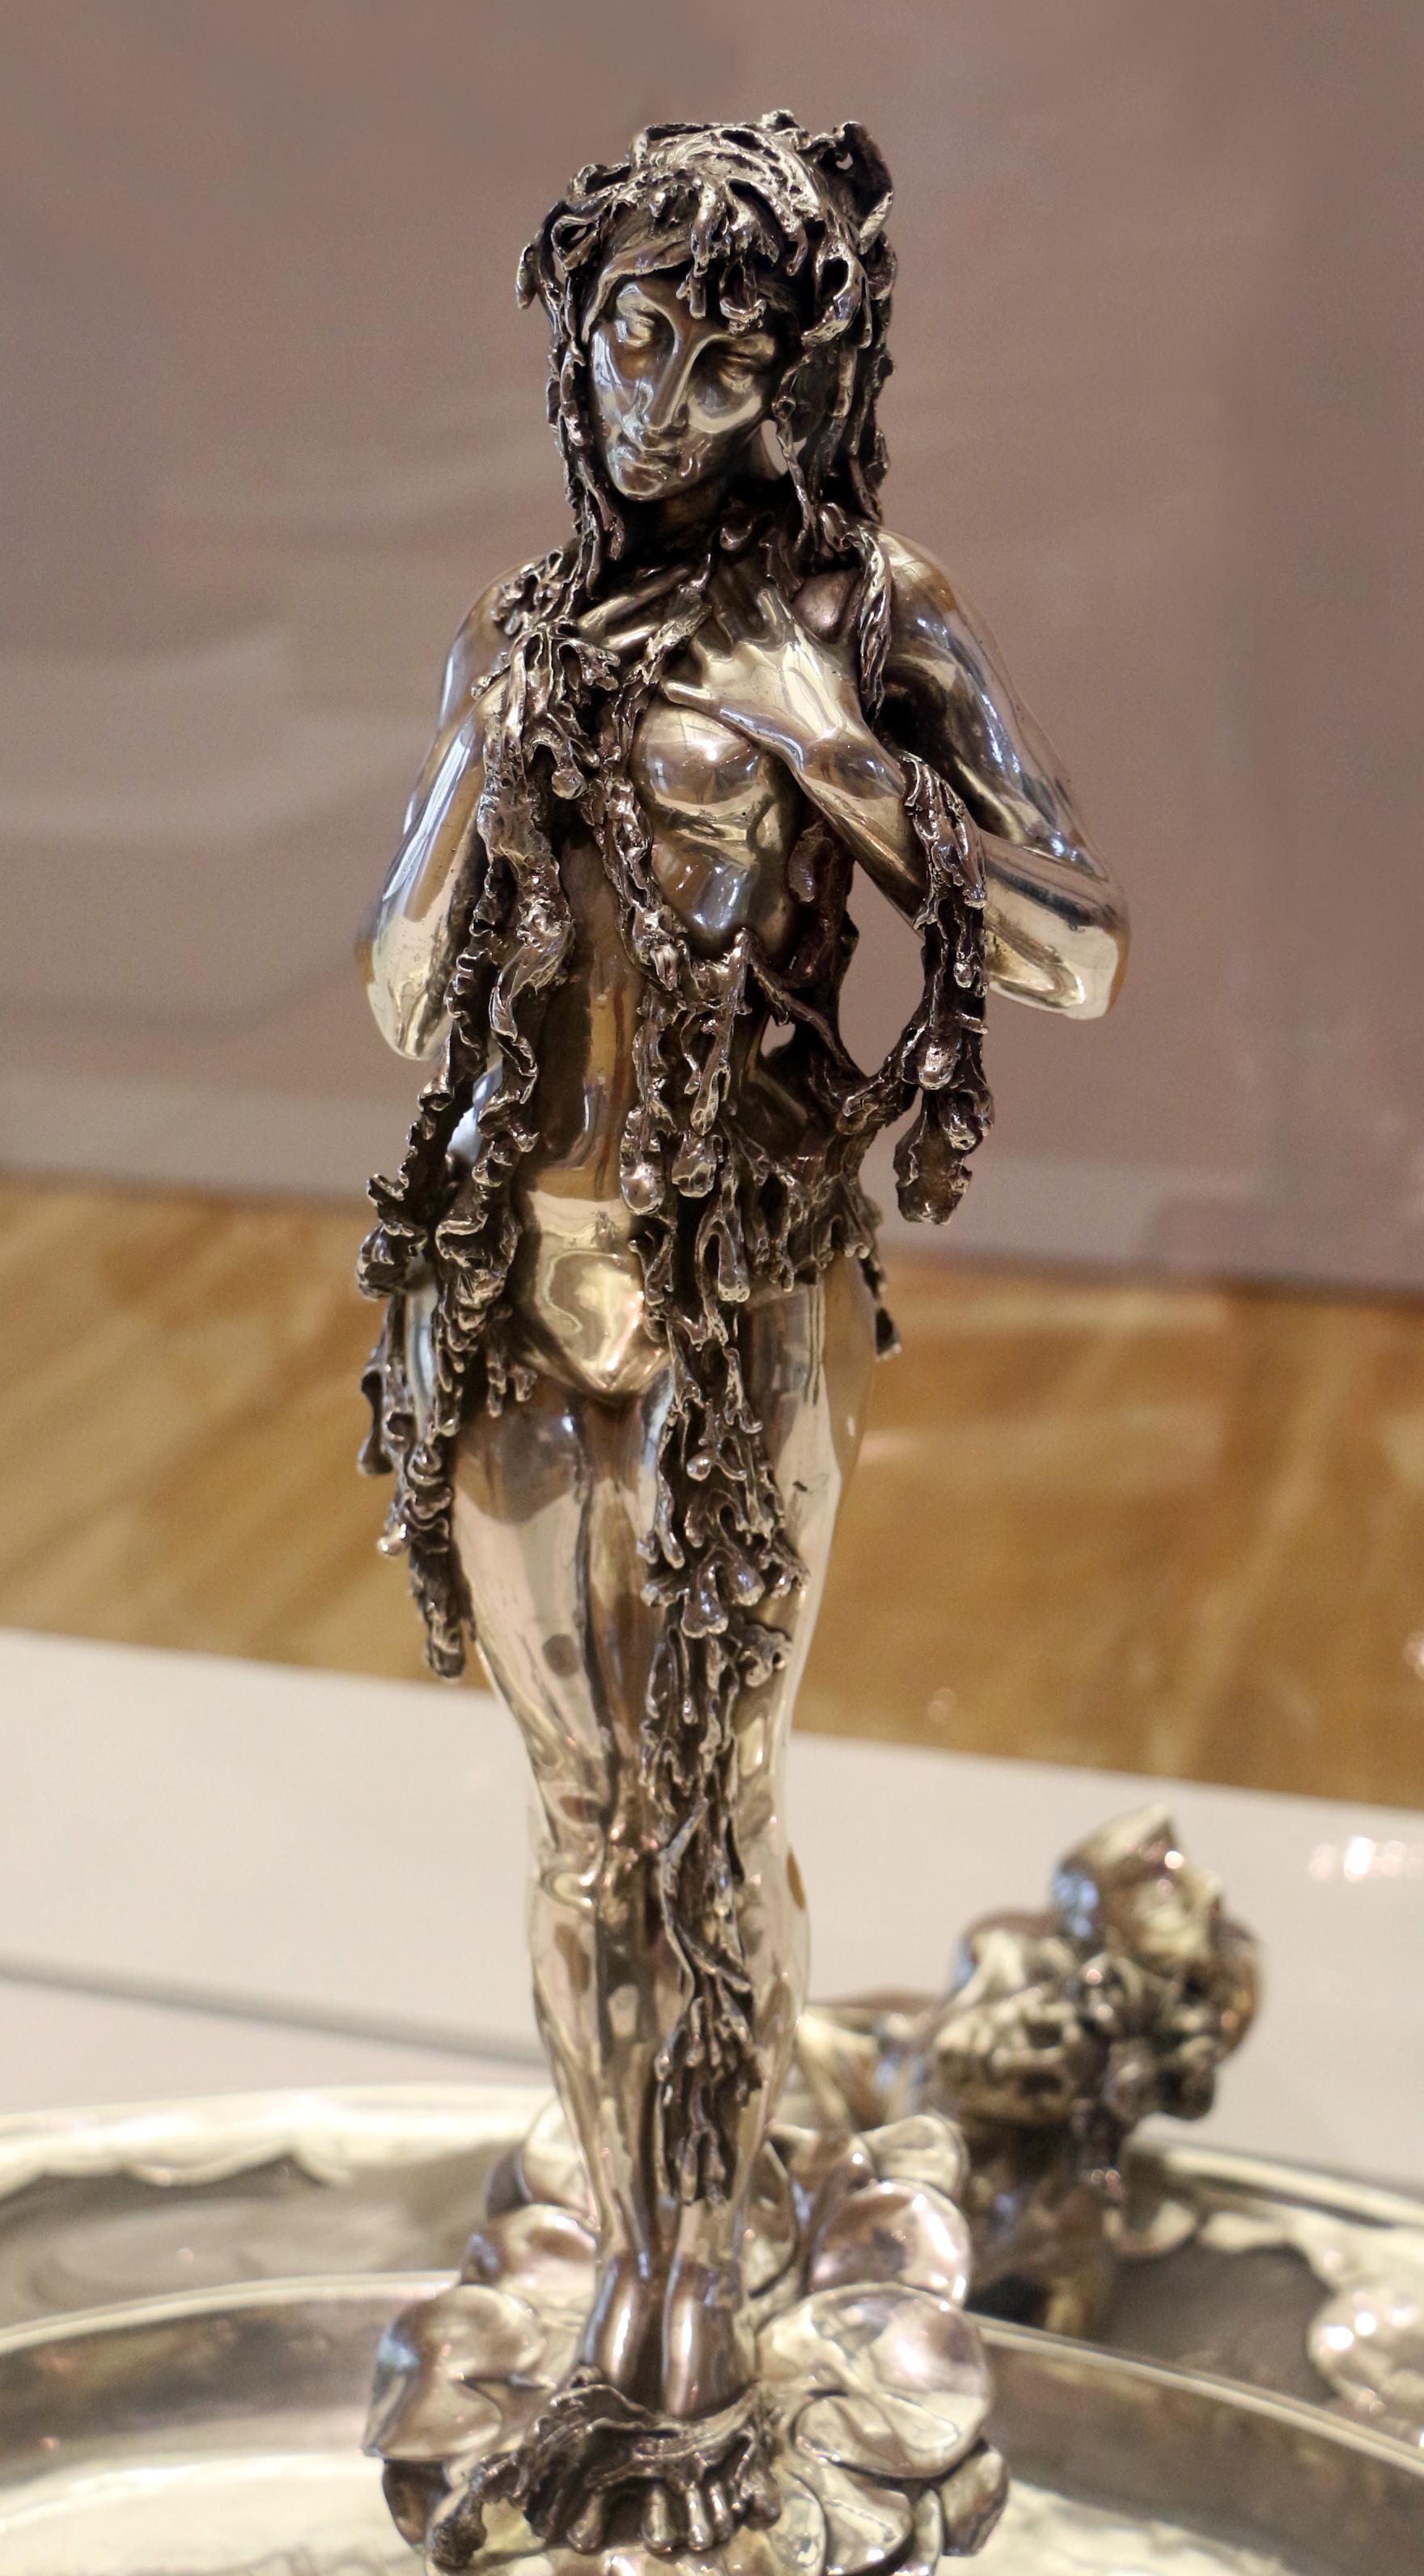 Centro Tavolo In Vetro.File Rene Lalique Centro Tavola Con Figura Femminile Argento E